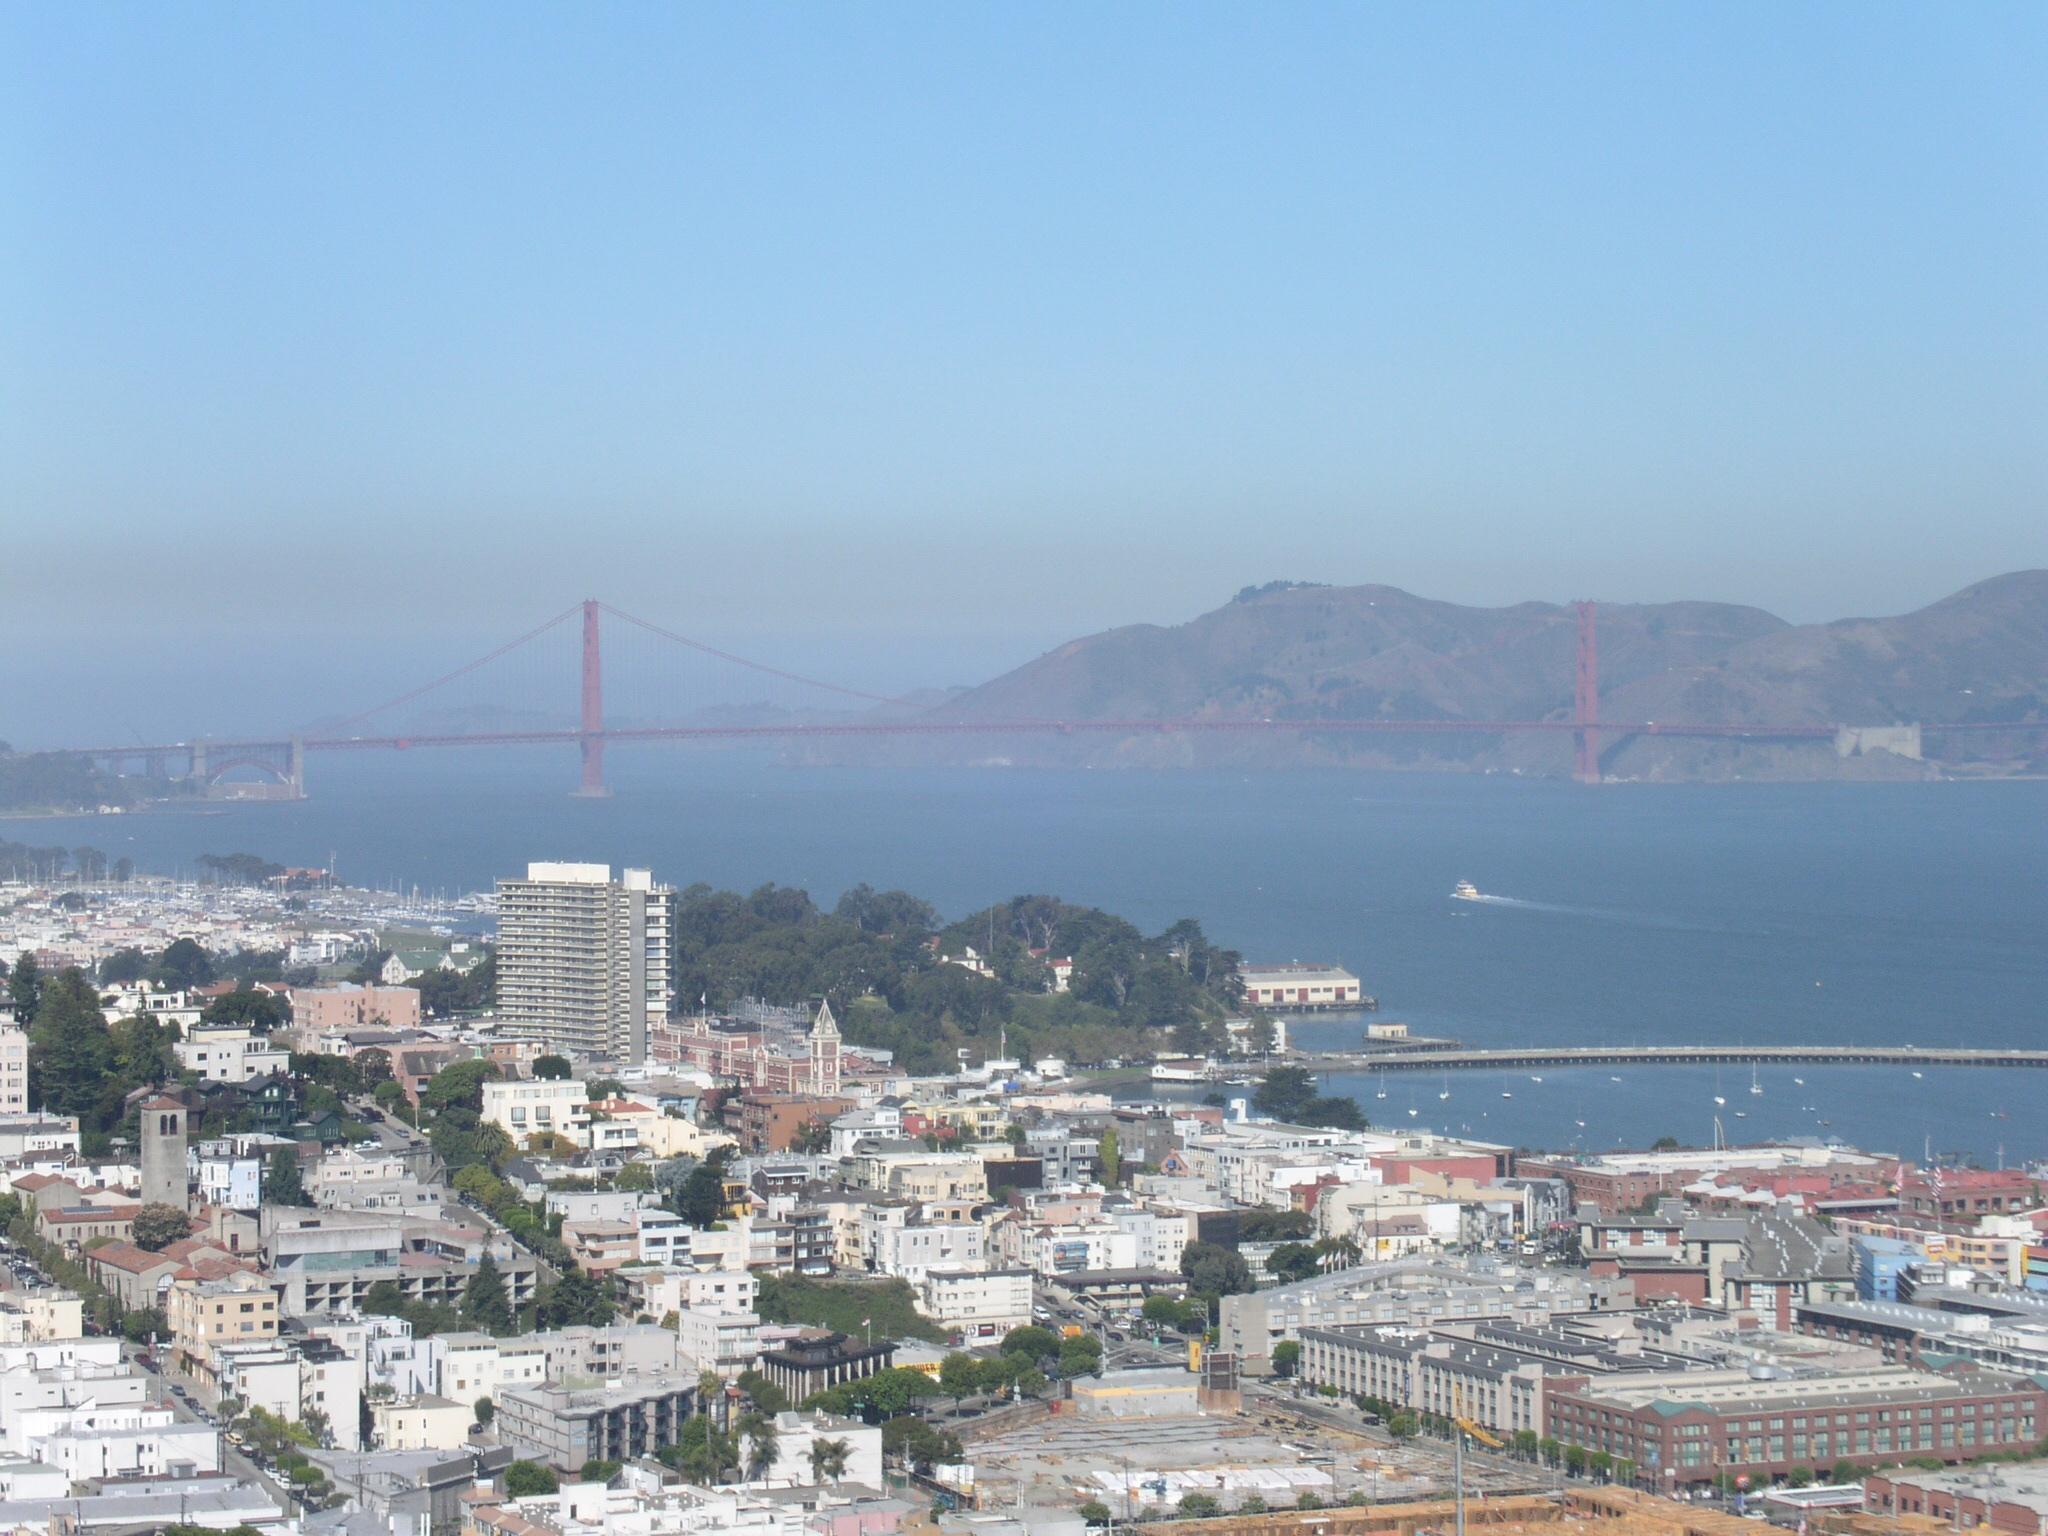 Hier der wundervolle Ausblick direkt auf die Golden Gate Bridge.